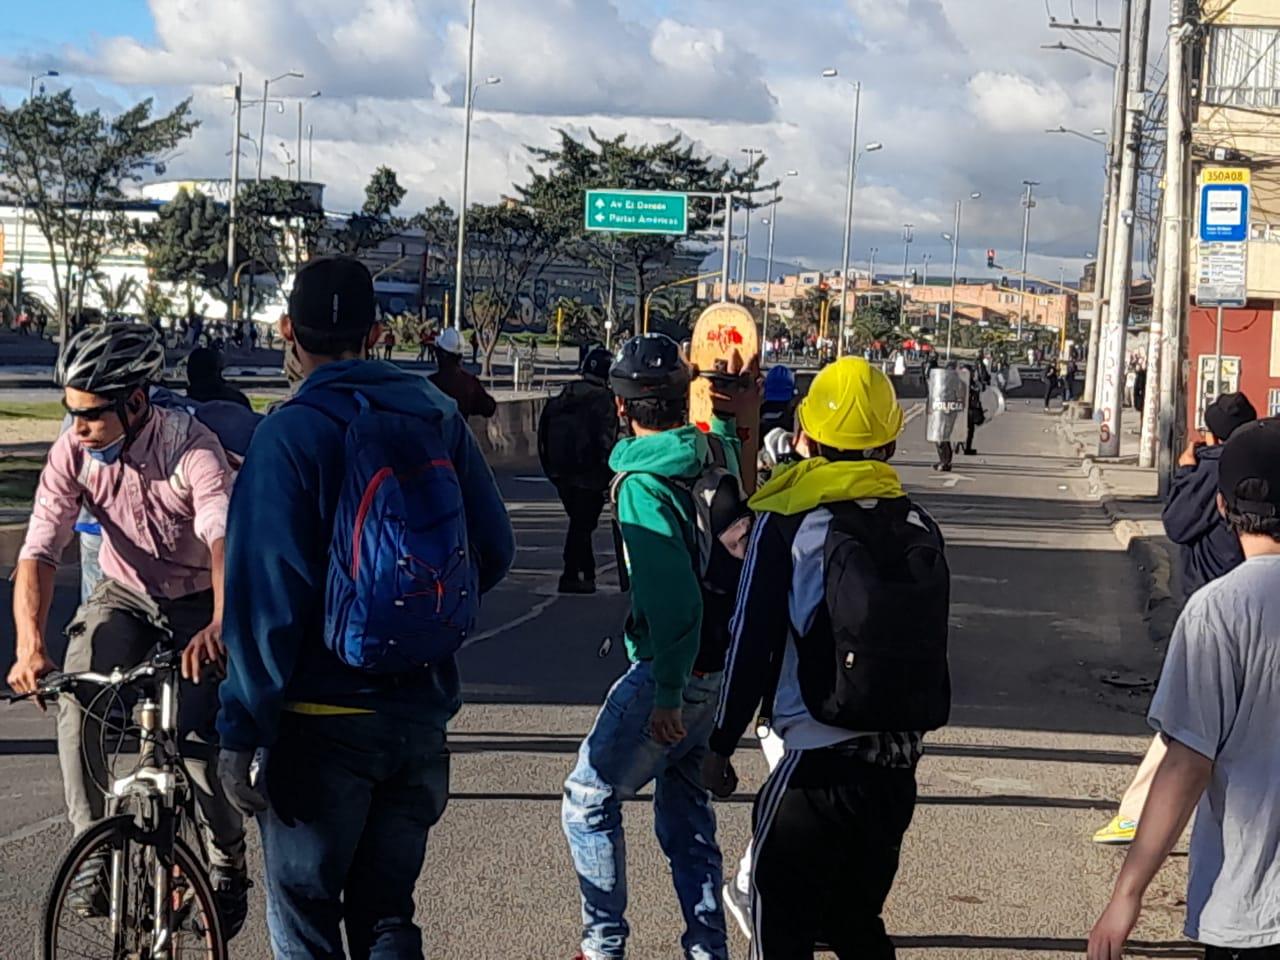 En Bogotá la fuerza pública arremete contra los manifestantes indígenas